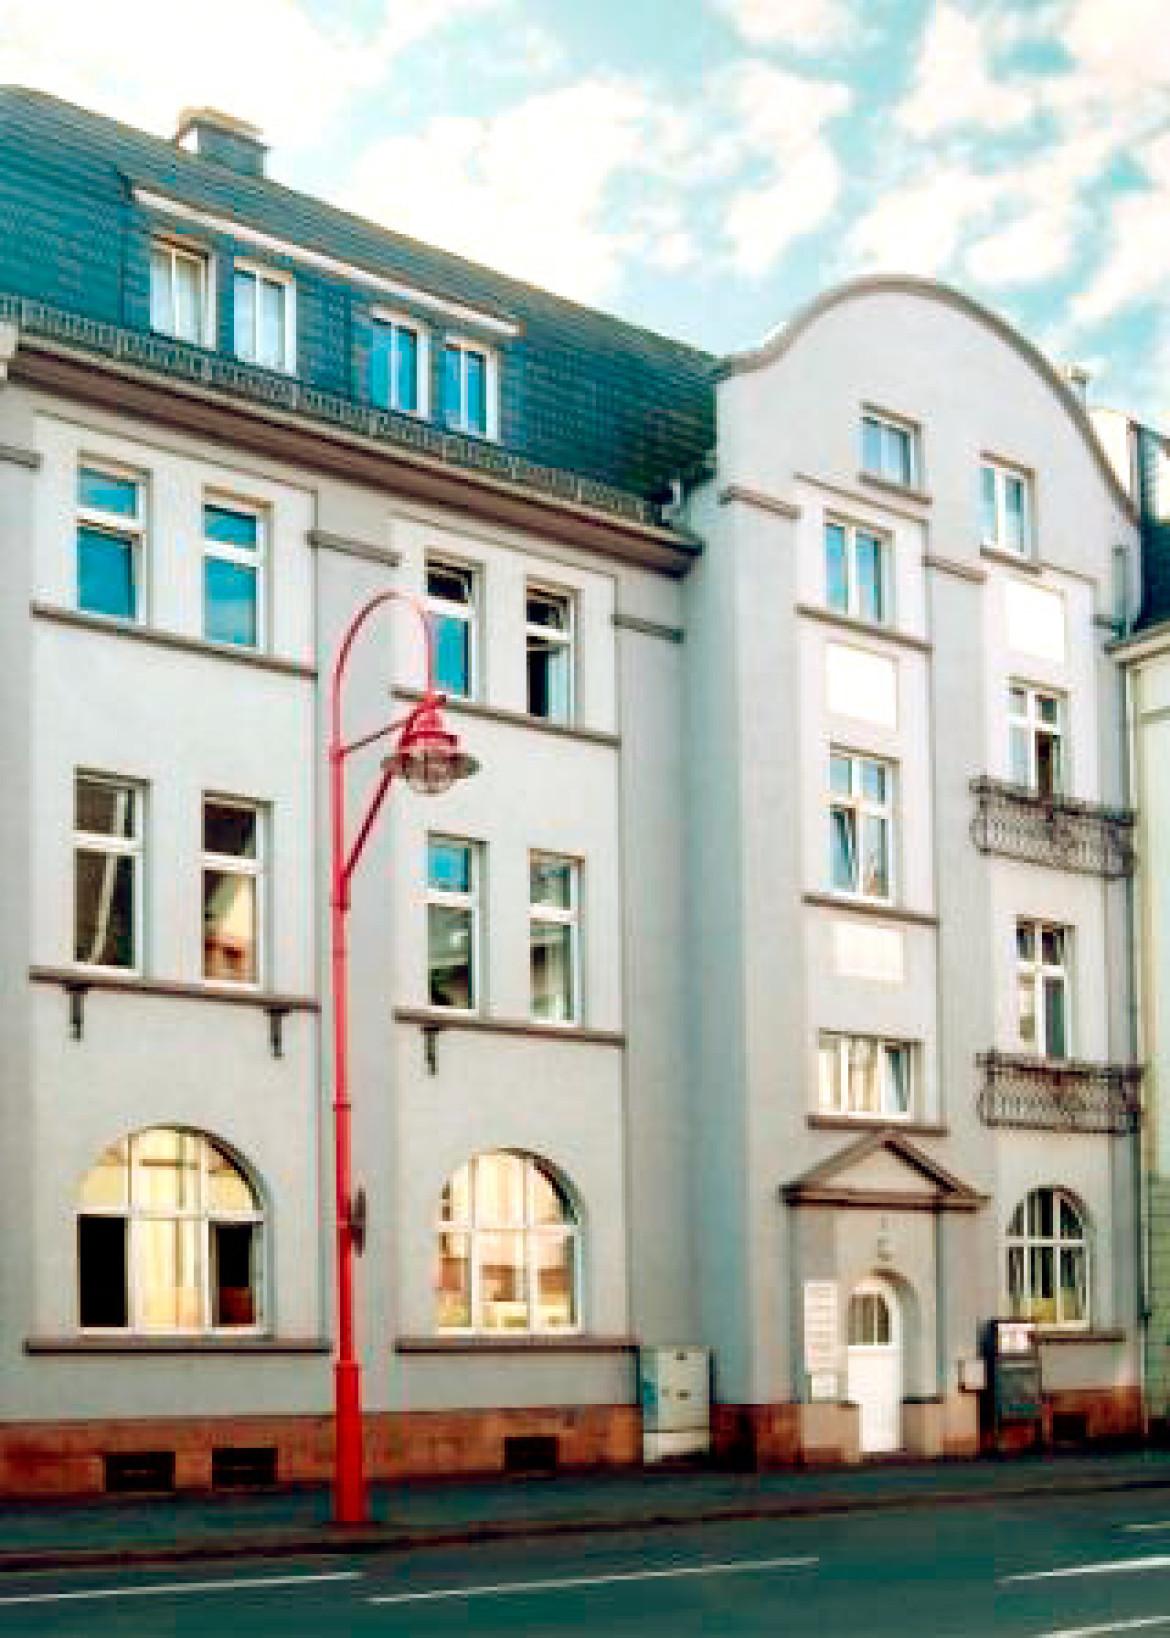 Psychosoziale Kontakt- und Beratungsstelle Marburg